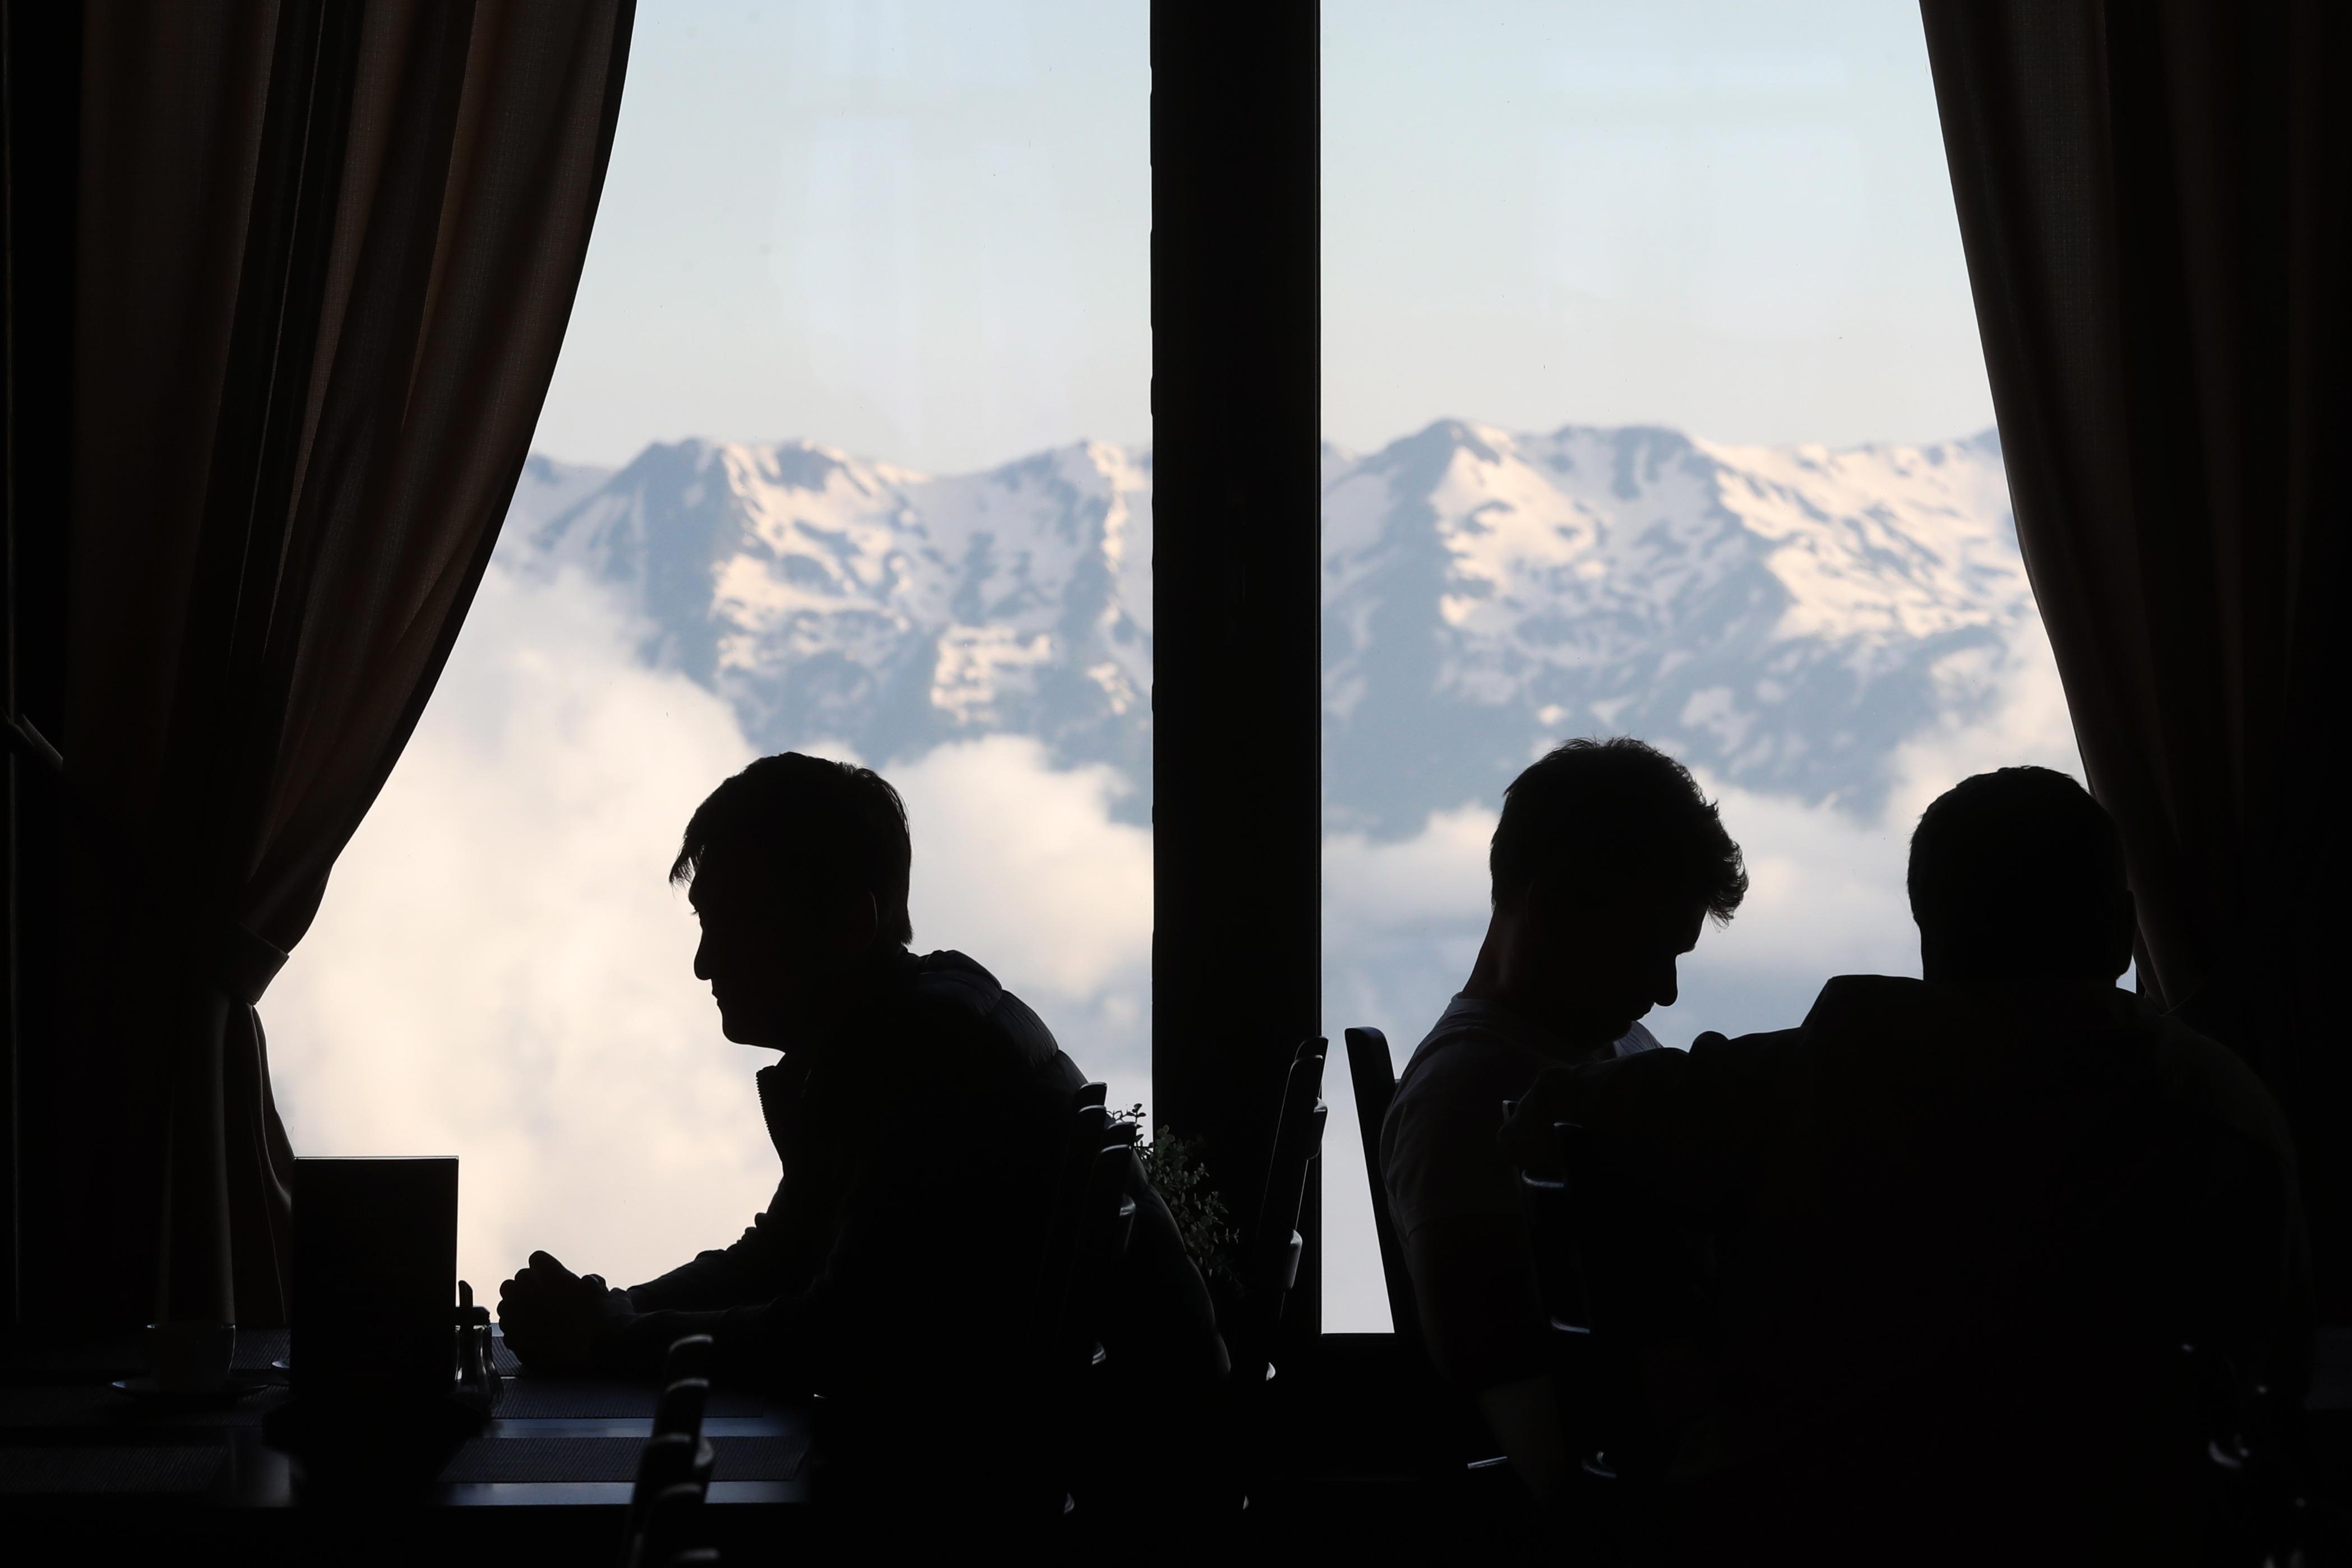 В Кисловодске откроют самый высокий в регионе панорамный ресторан